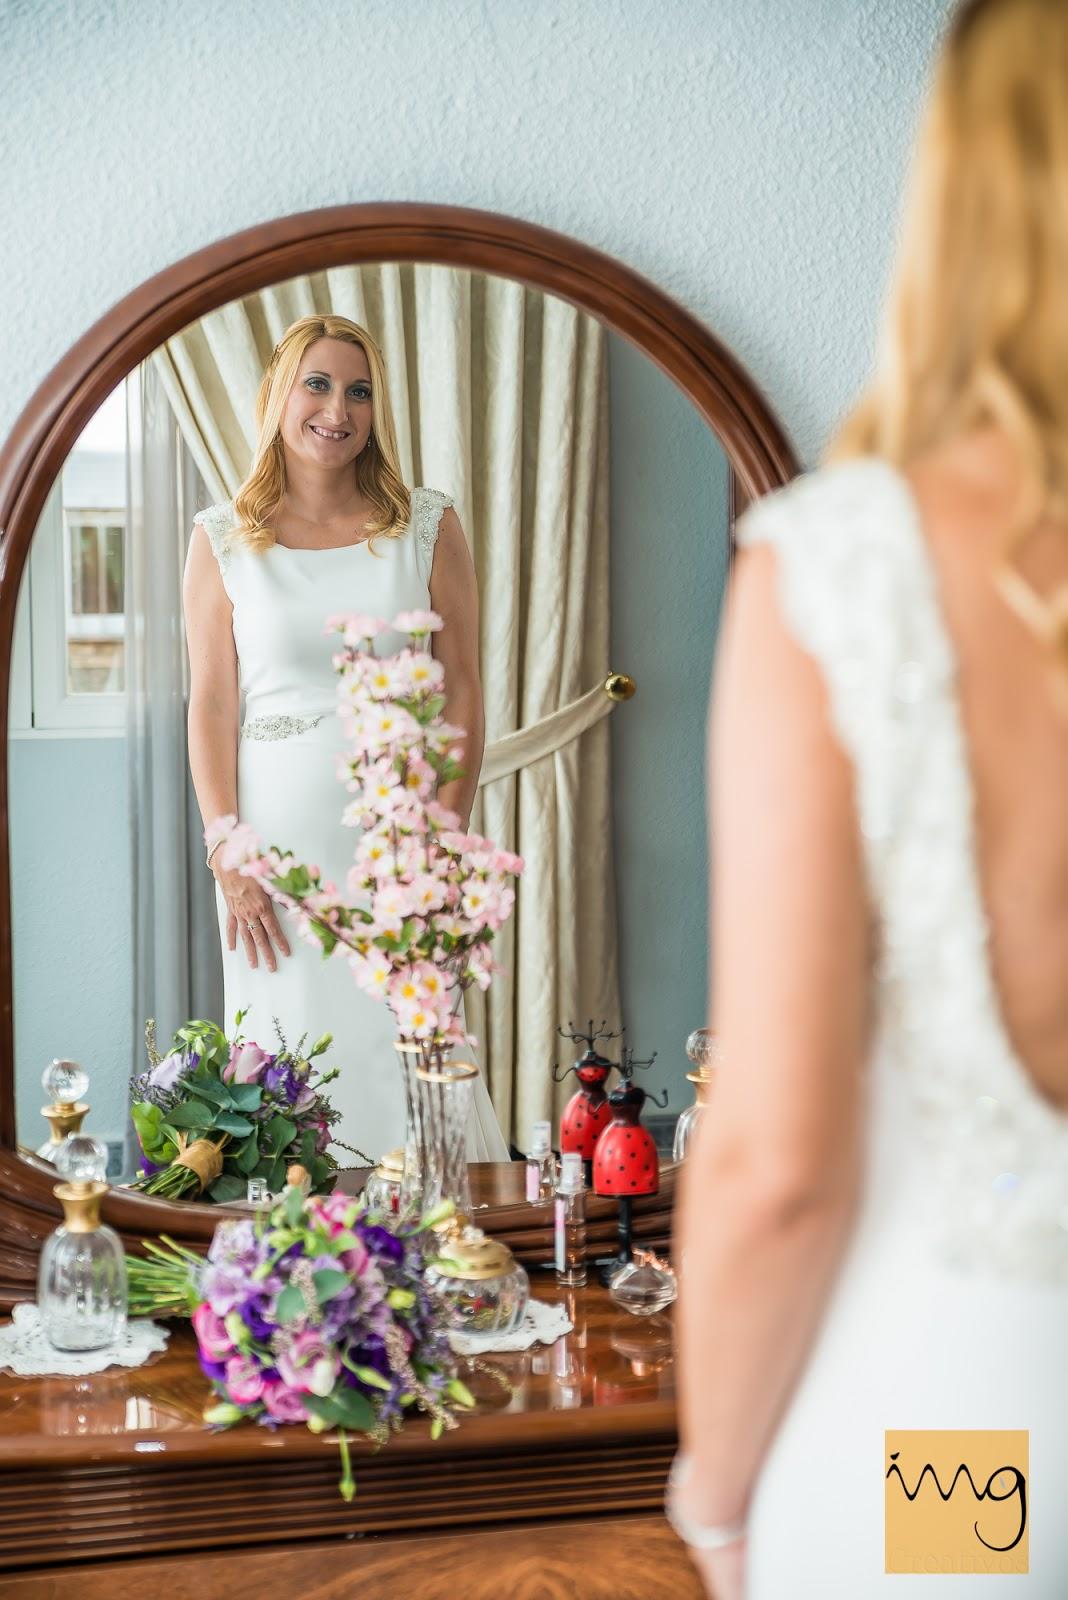 Fotografía de los preparativos de la boda